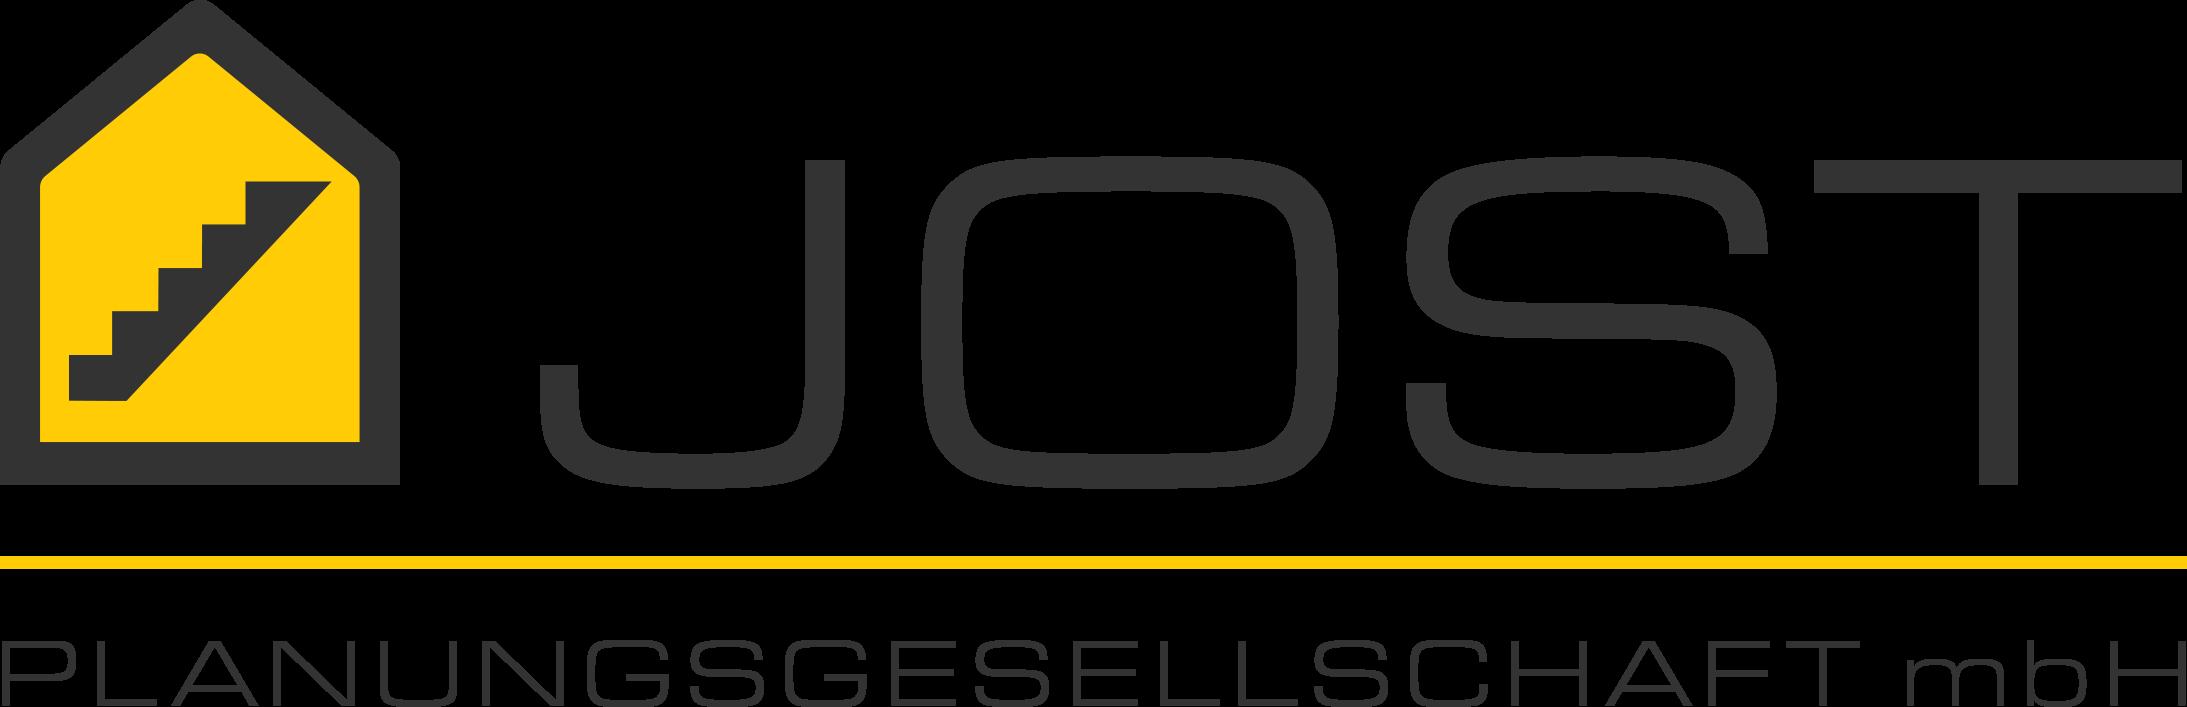 JOST Planungsgesellschaft mbH